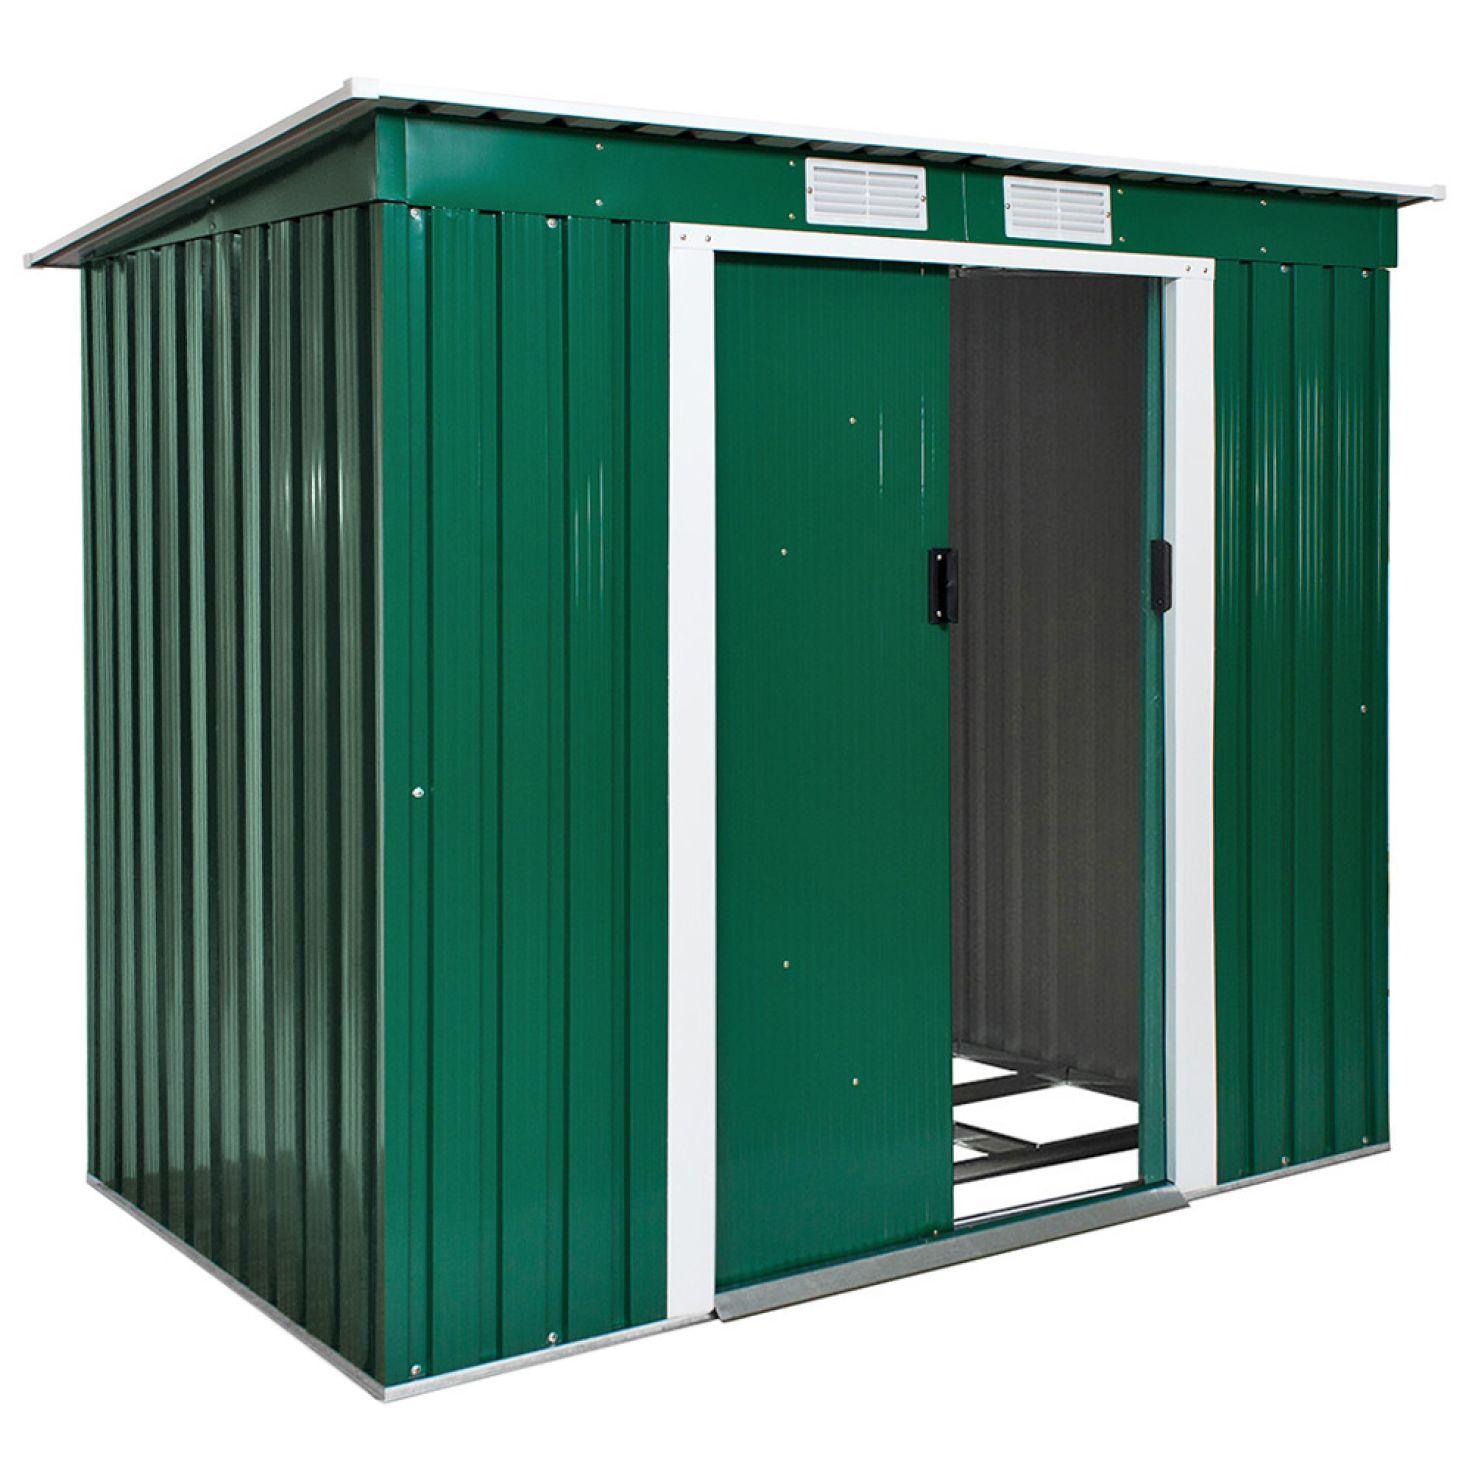 Abri De Jardin Métal 2,7 M² Toiture Monopente Vert à Abri Moto Pas Cher